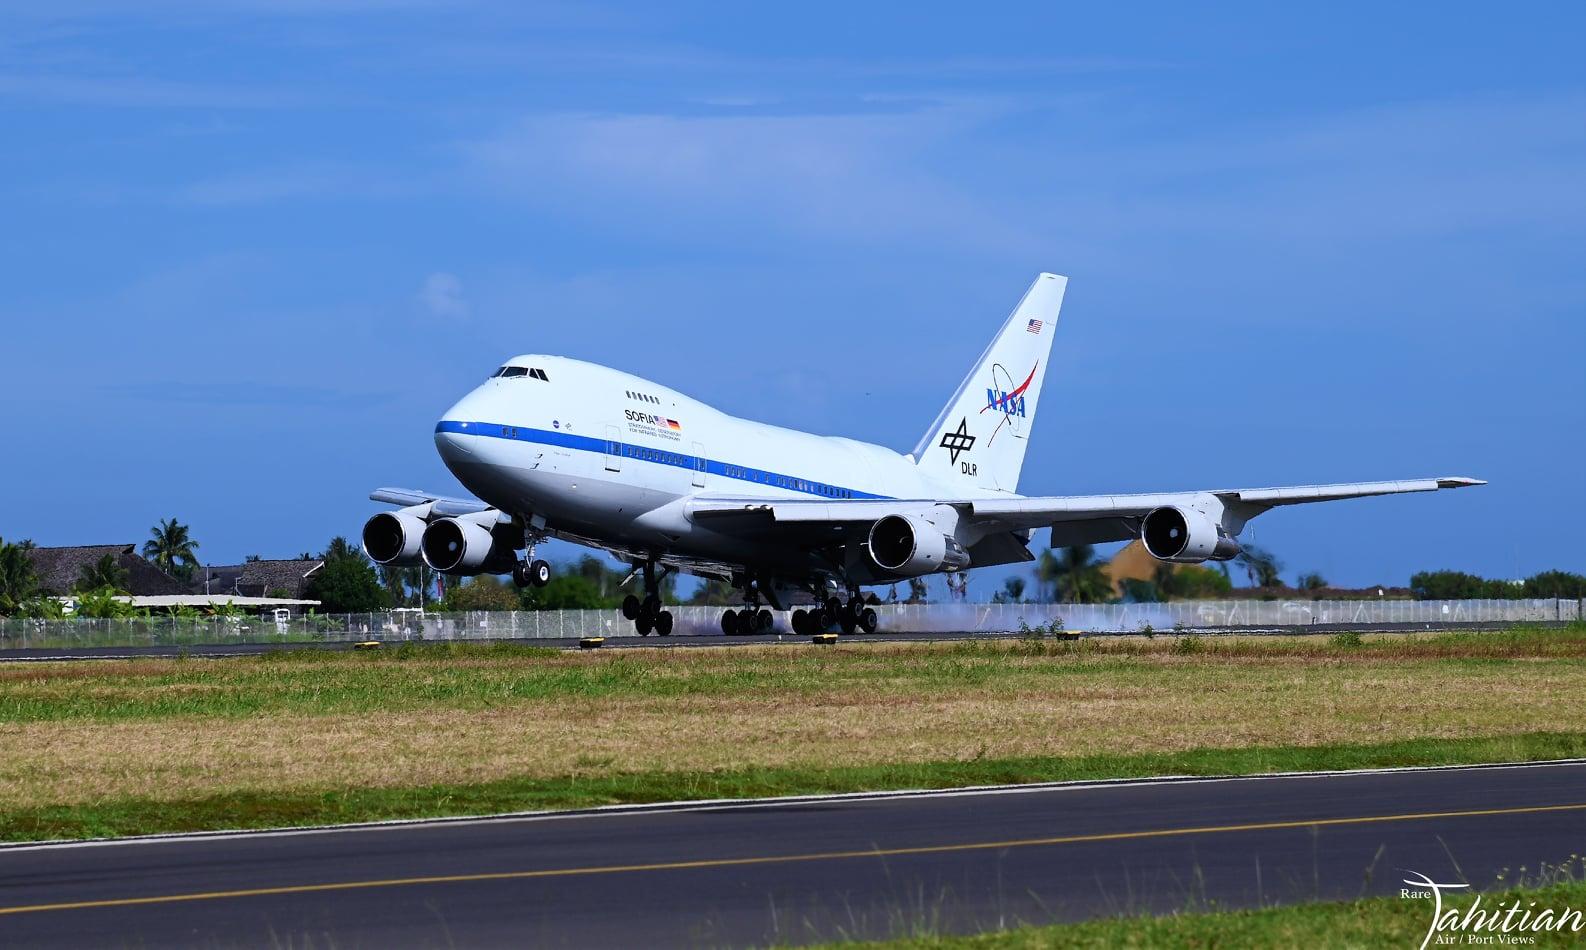 Le Boeing de la Nasa s'est posé à Tahiti